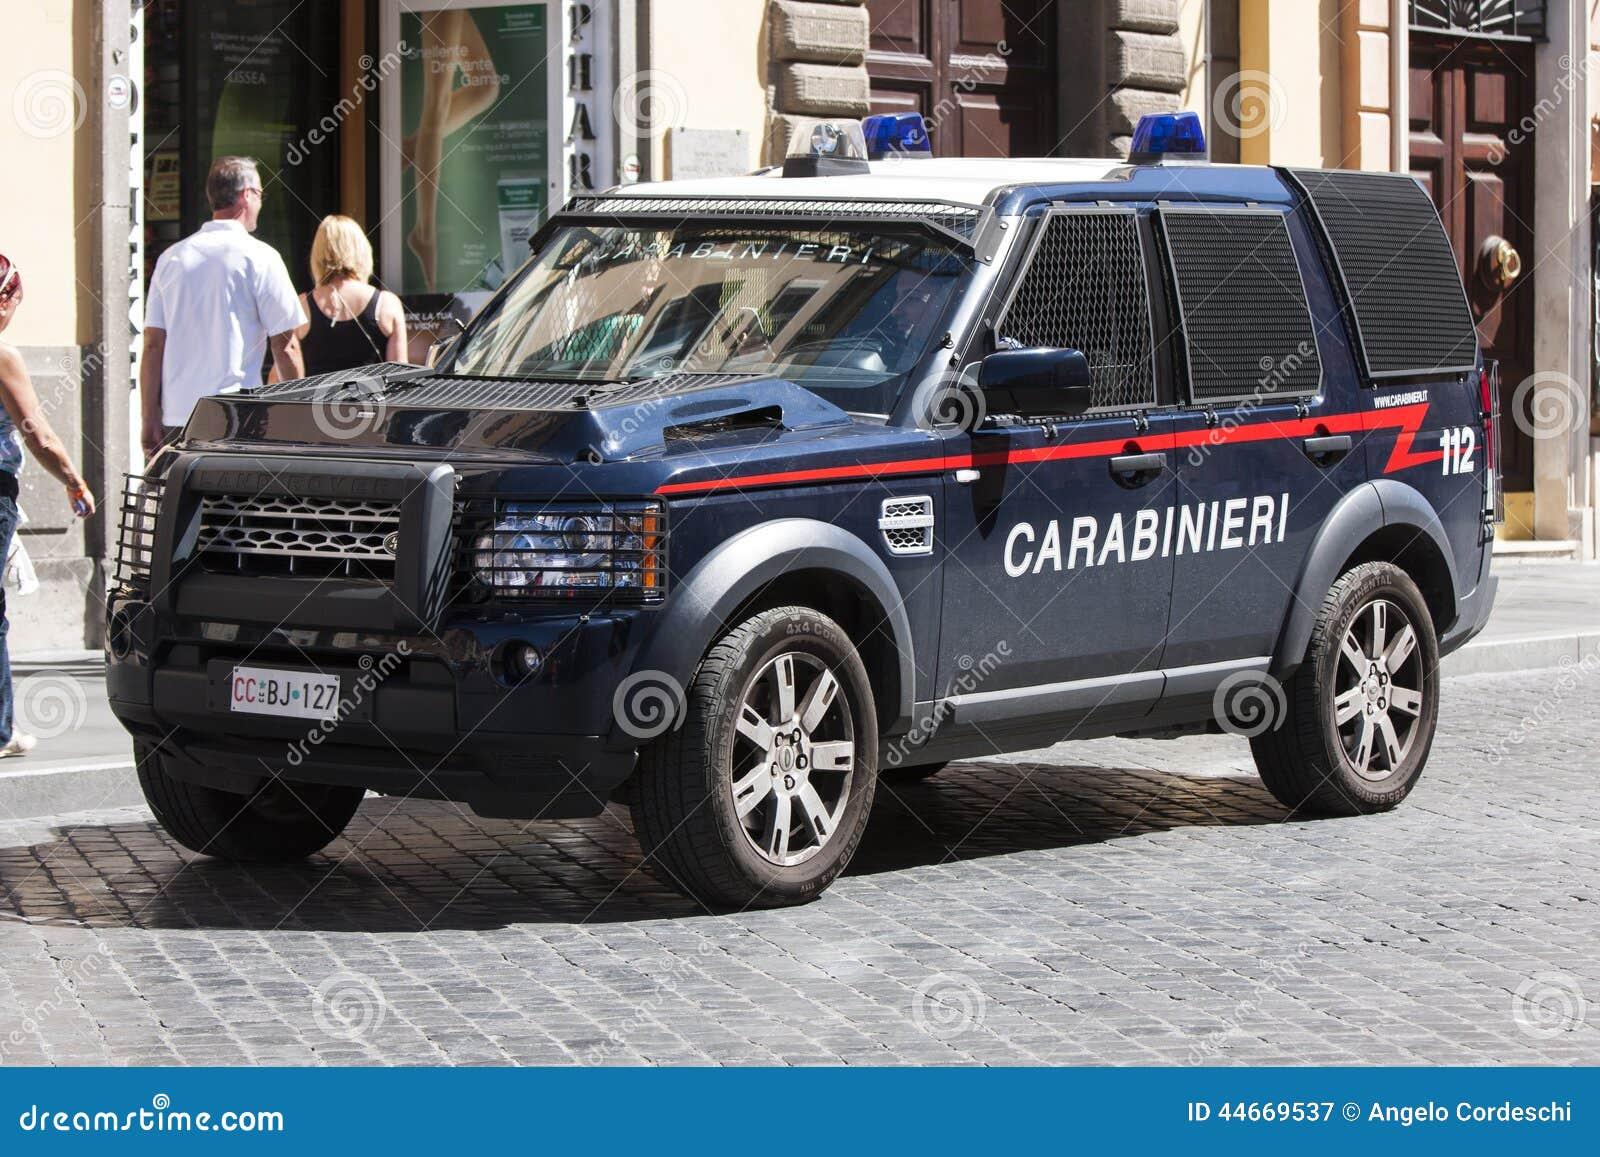 police italienne de v hicule blind carabinieri photographie ditorial image du v hicule. Black Bedroom Furniture Sets. Home Design Ideas